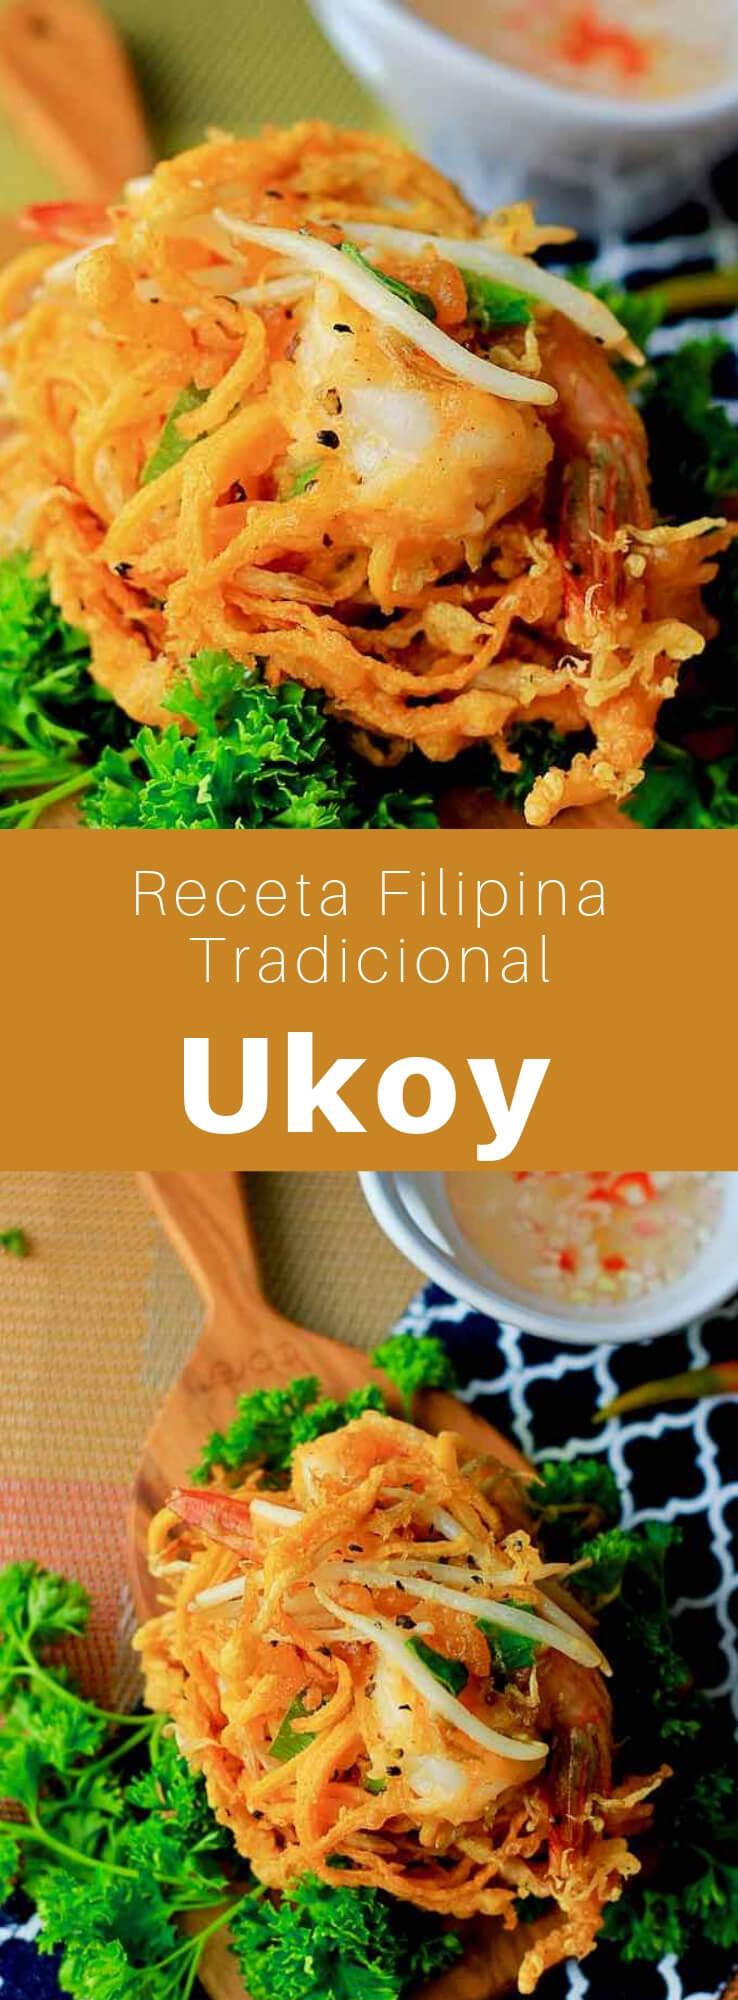 El ukoy u okoy es un pequeño buñuelo crujiente tradicional, popular en Filipinas y Palau, preparado con camarones y verduras. Es popular para desayunar, como aperitivo o tentempié.